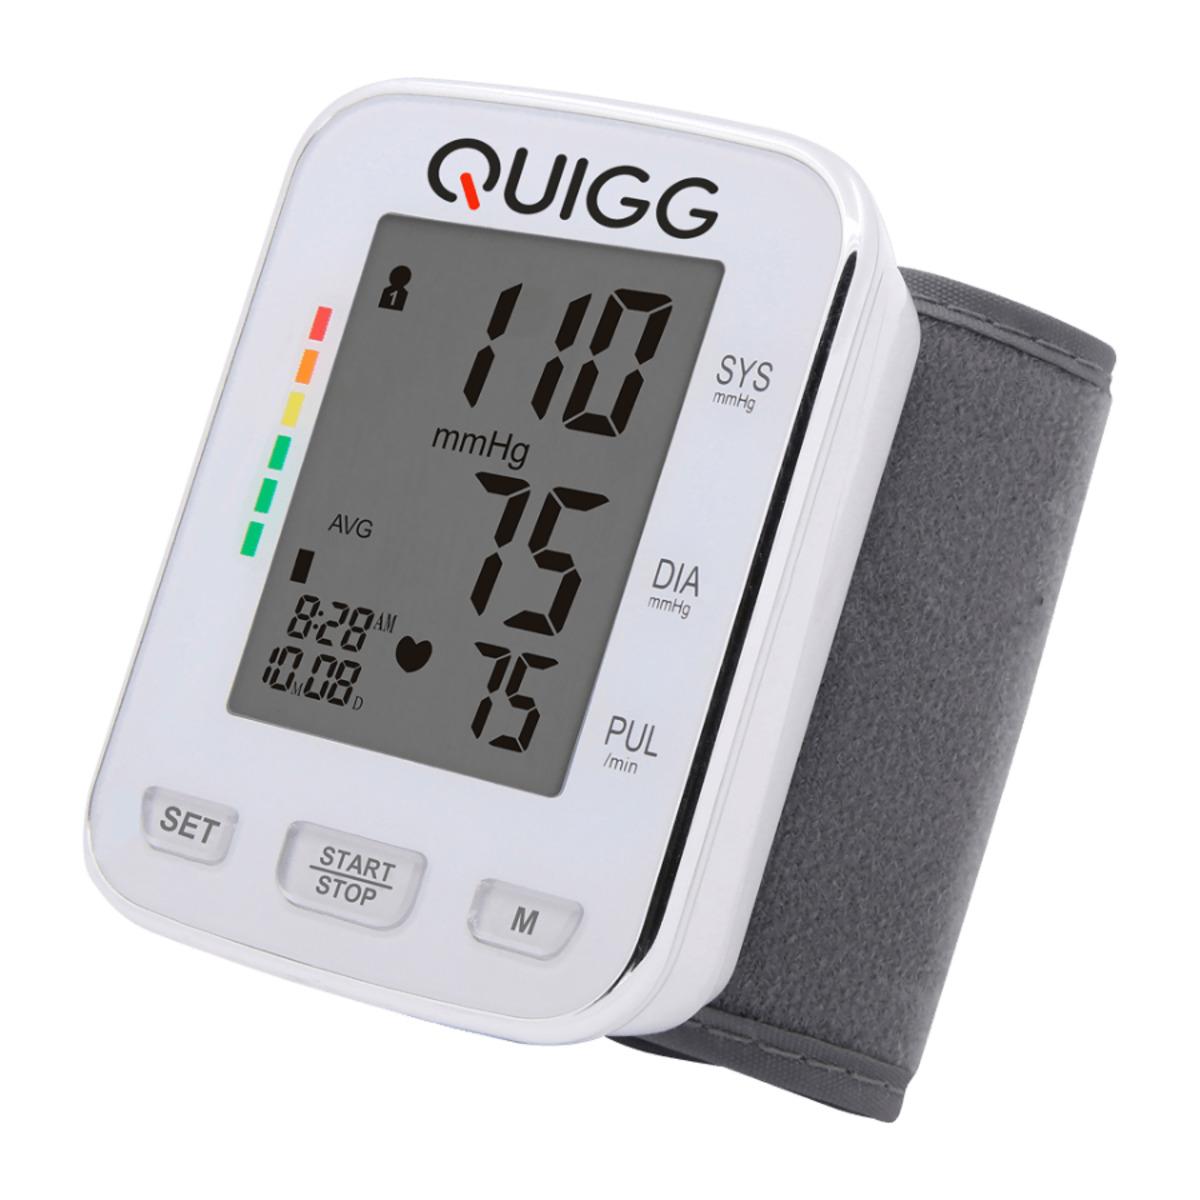 Bild 1 von QUIGG     Handgelenk-Blutdruckmessgerät BDU 751